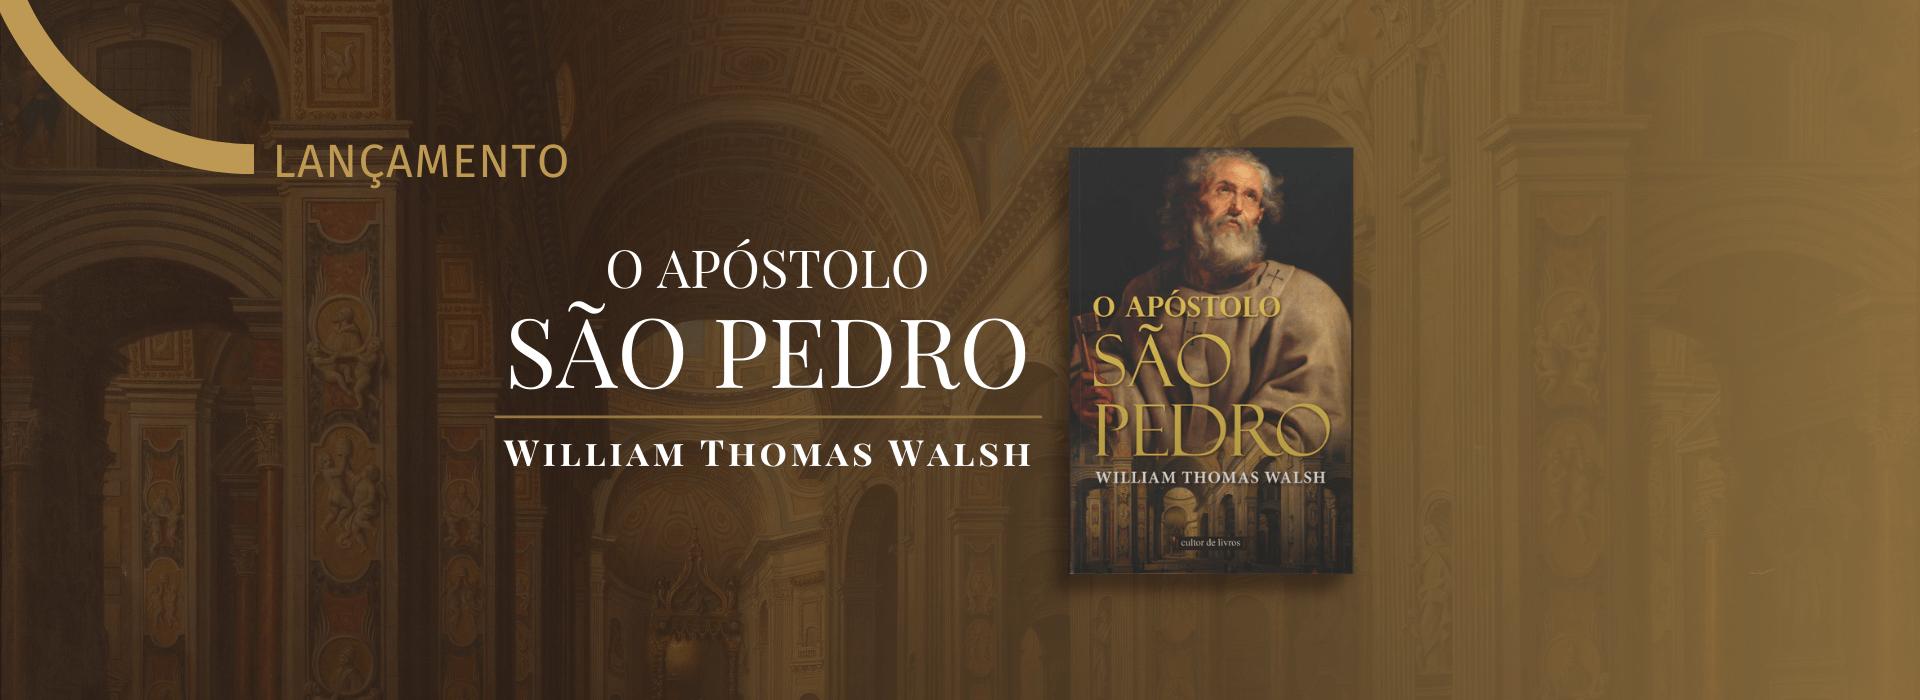 O Apóstolo São Pedro